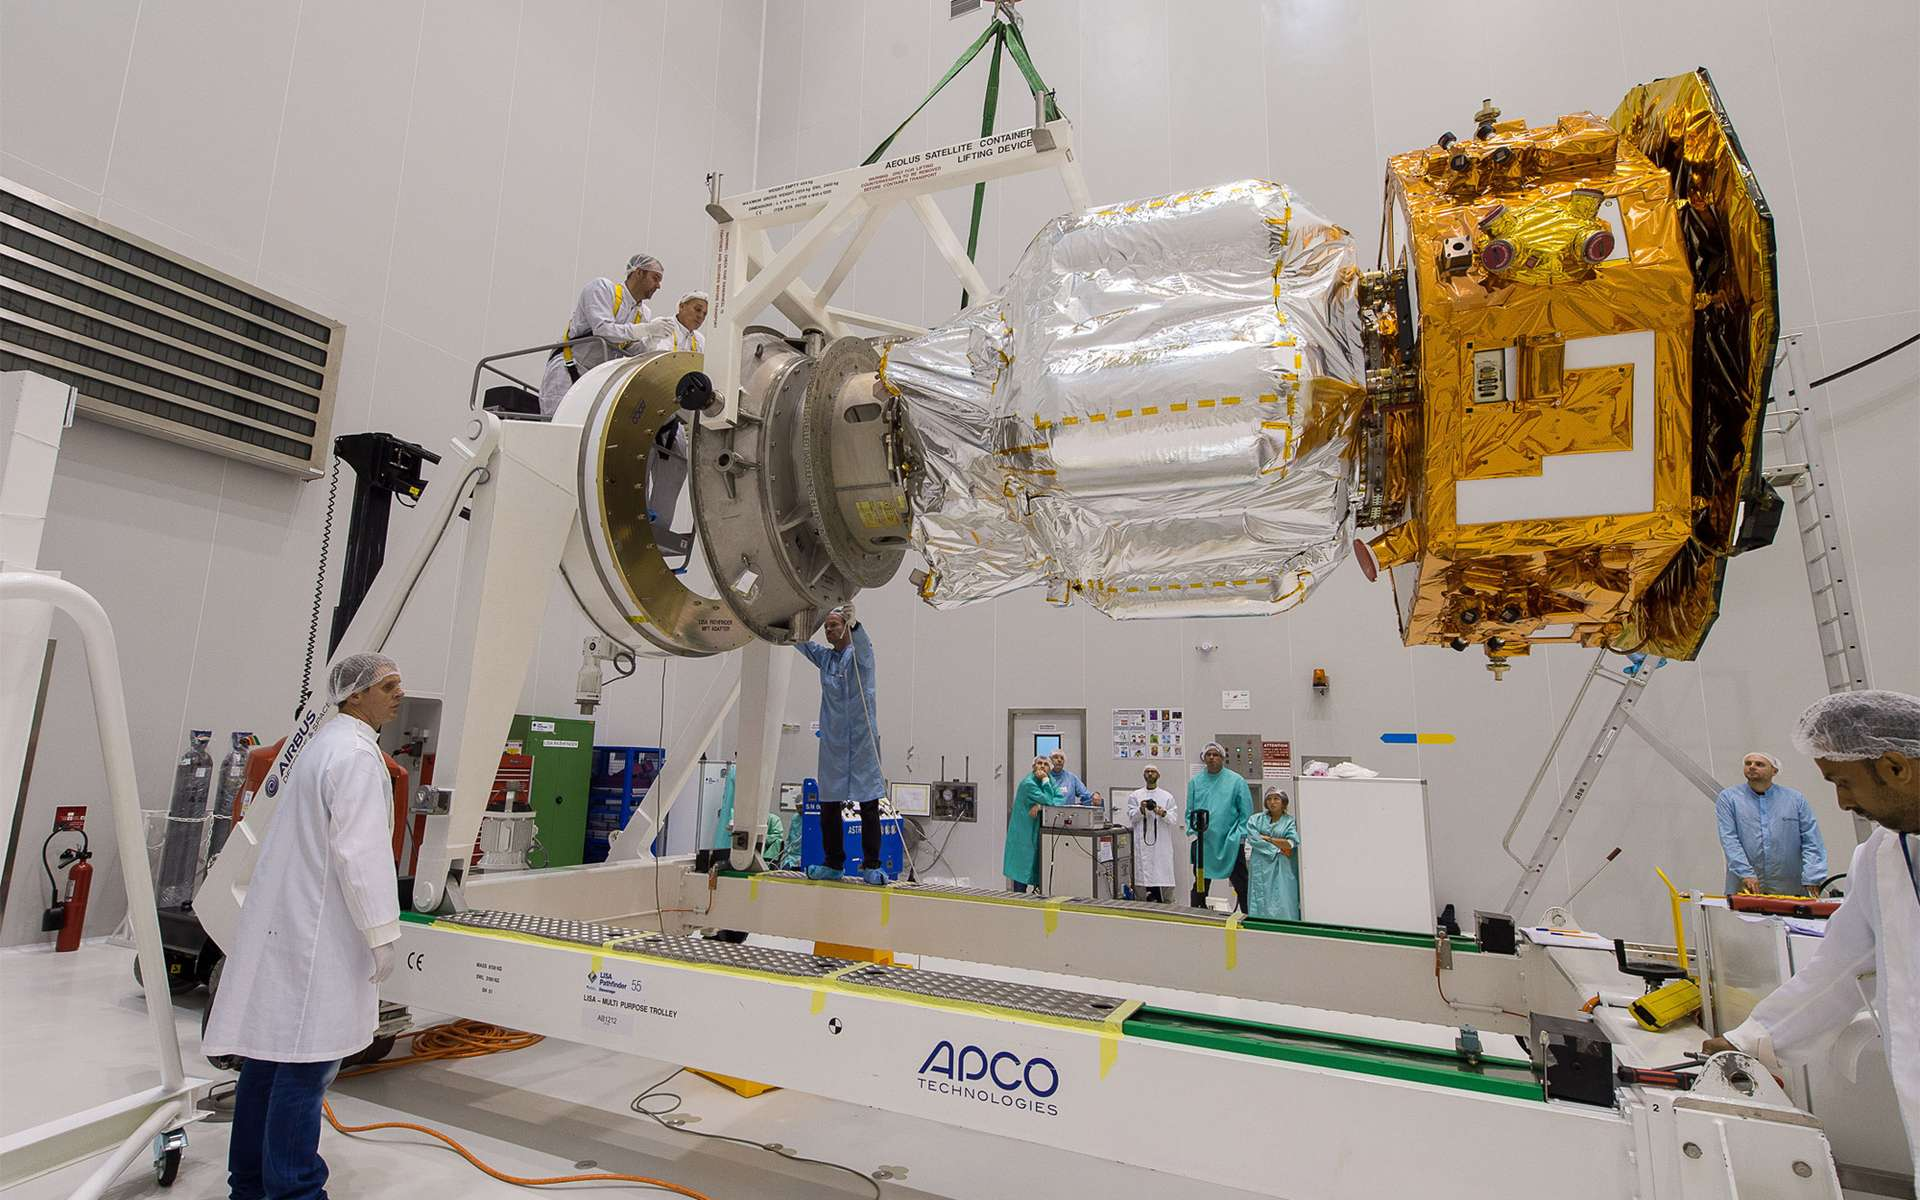 Lisa Pathfinder a été lancé le 3 décembre 2015 par Arianespace. Courant janvier, il a atteint le point Lagrange 1, son orbite de travail, situé à environ 1,5 million de kilomètres de la Terre. Après une phase de recette, la démonstration a débuté le premier mars. © Esa-Cnes-Arianespace / Optique Vidéo du CSG - S. Martin